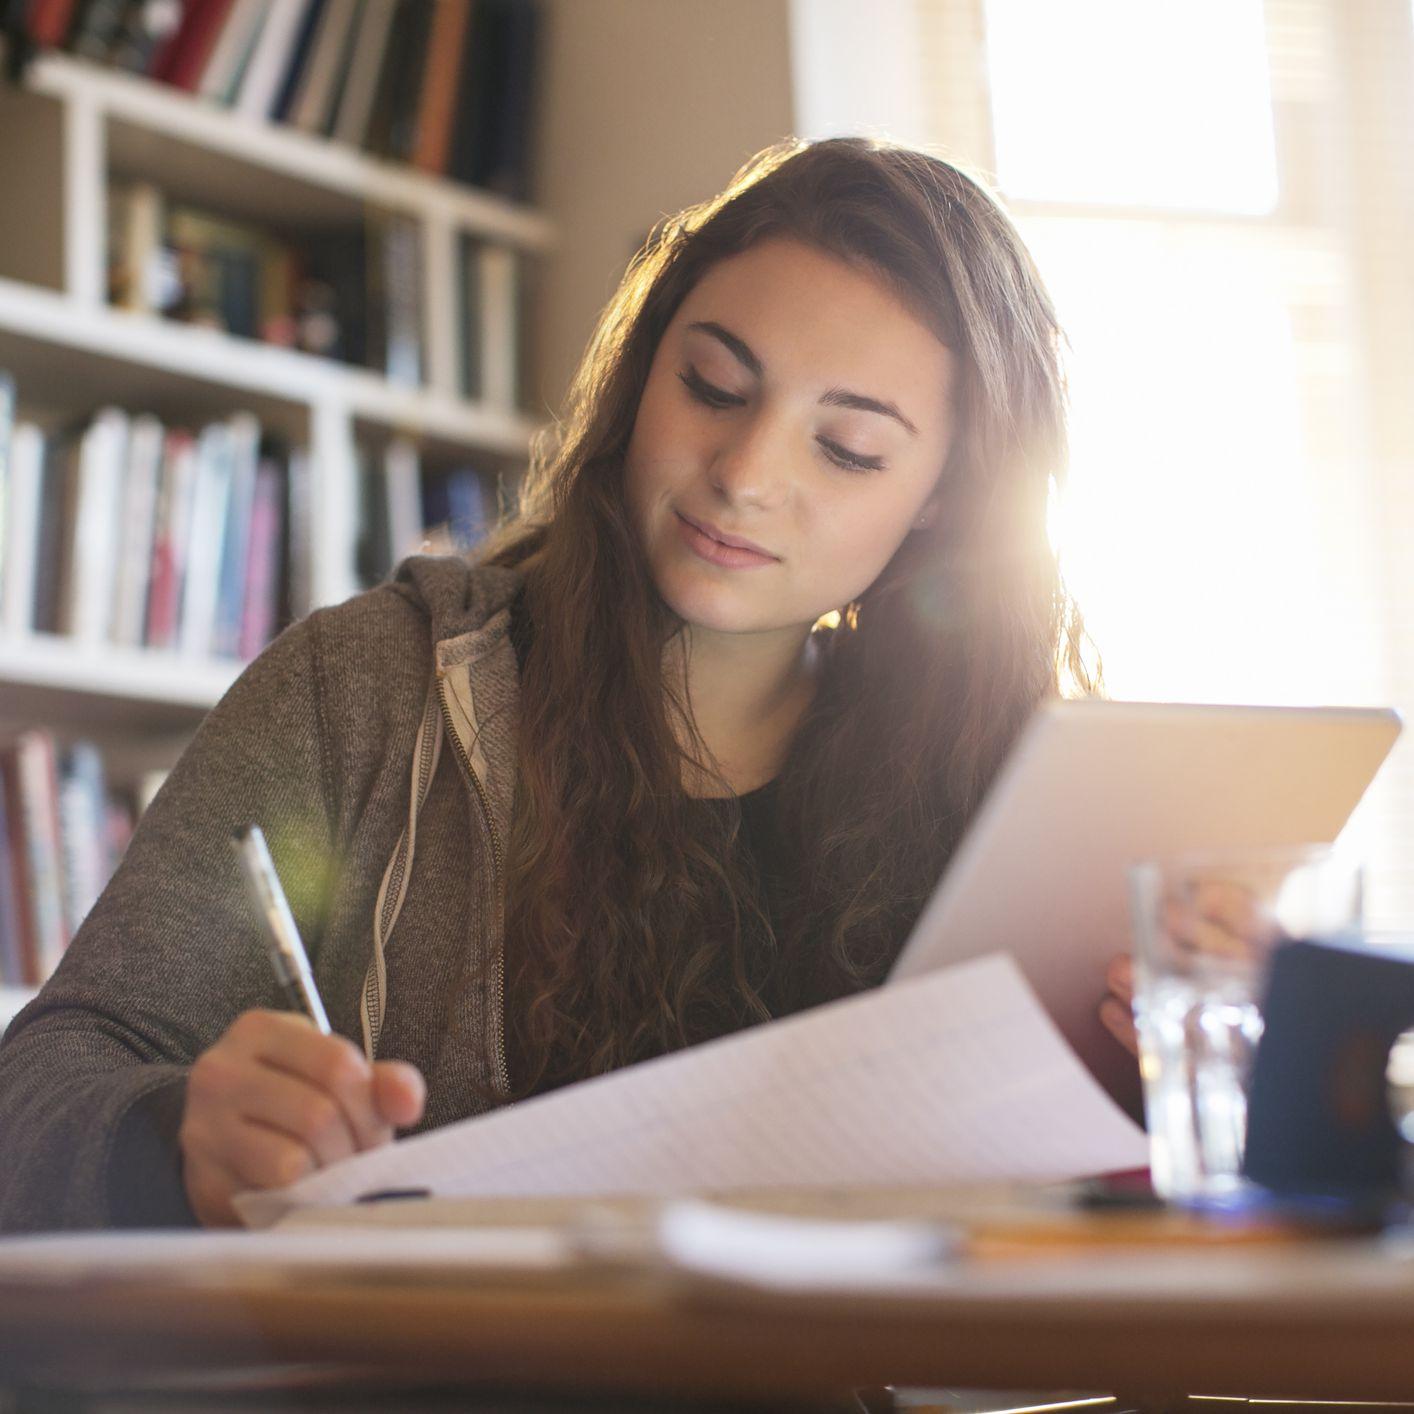 Best Ways to Study for Economics Exams